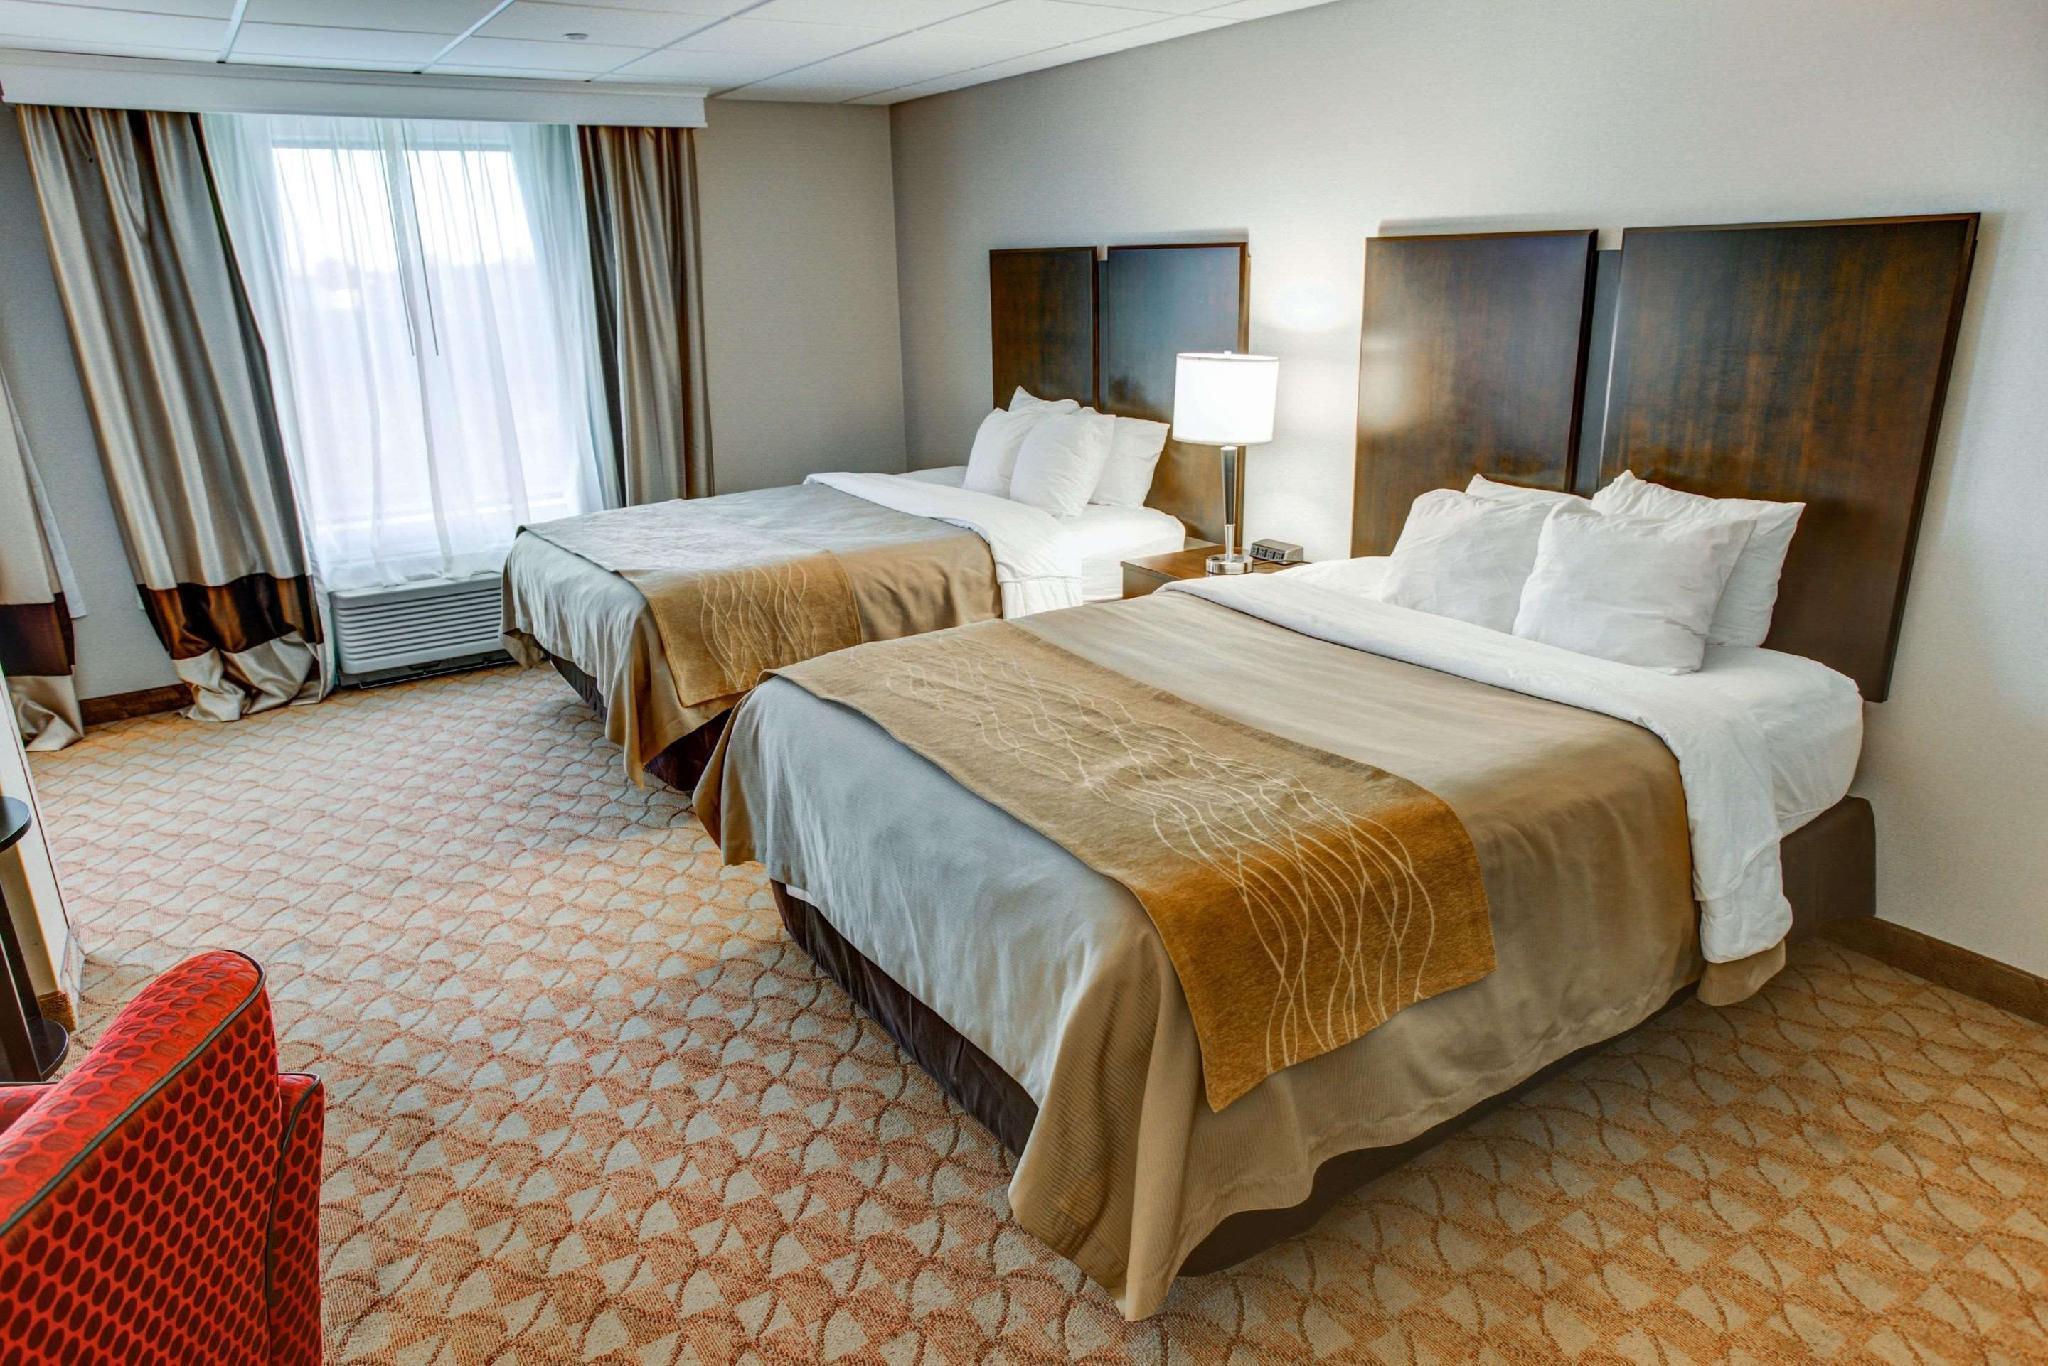 Comfort Inn & Suites, Ohio